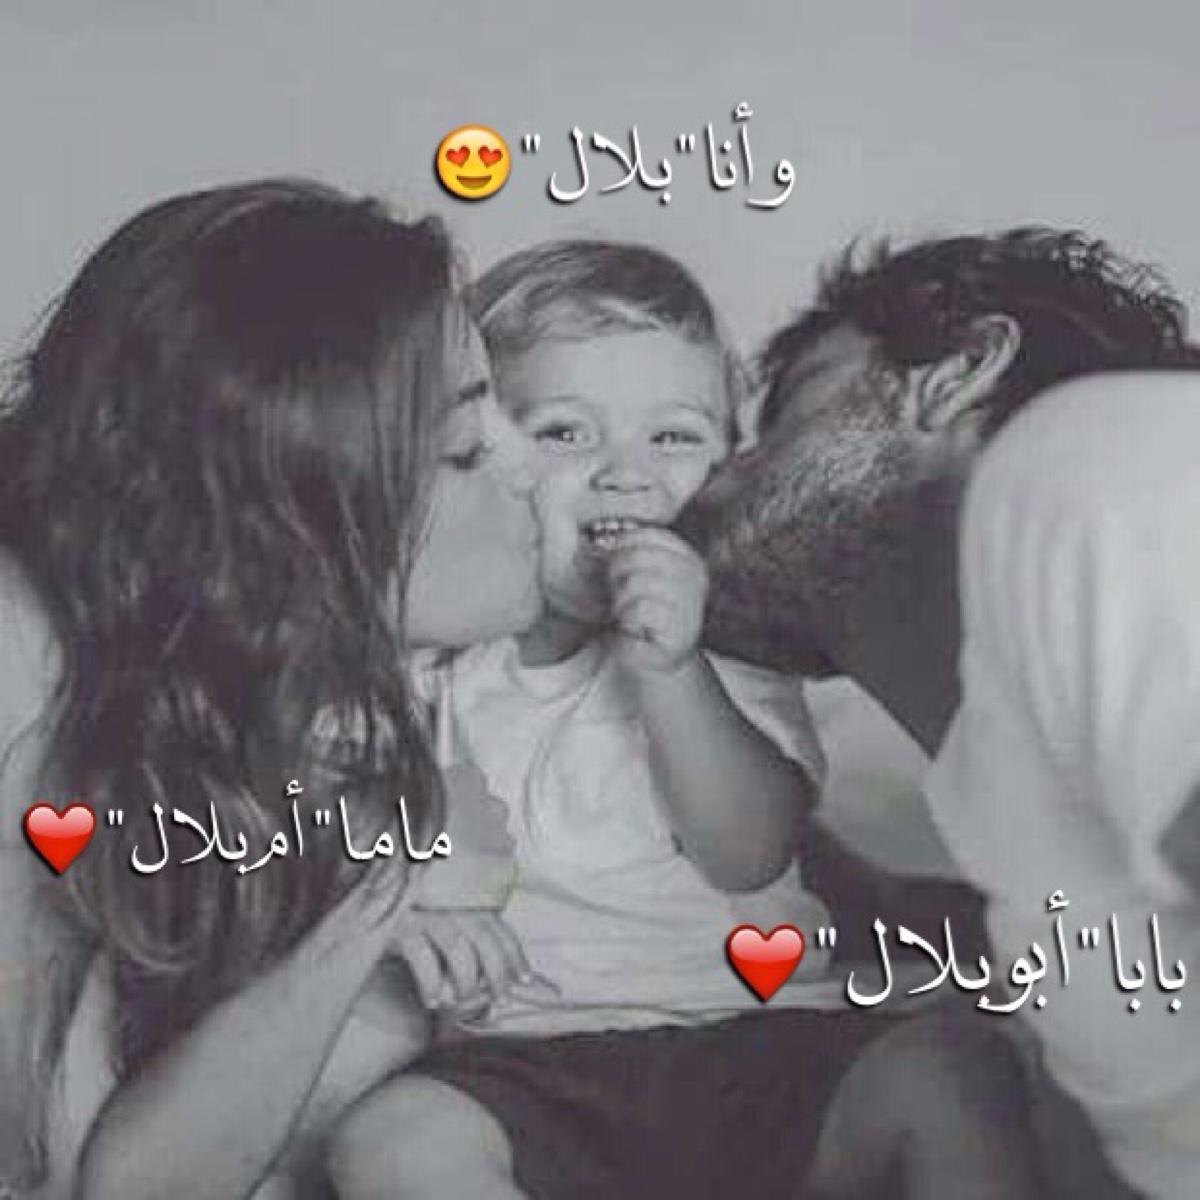 صورة صور اسم بلال , اجمل الصور لاسم بلال